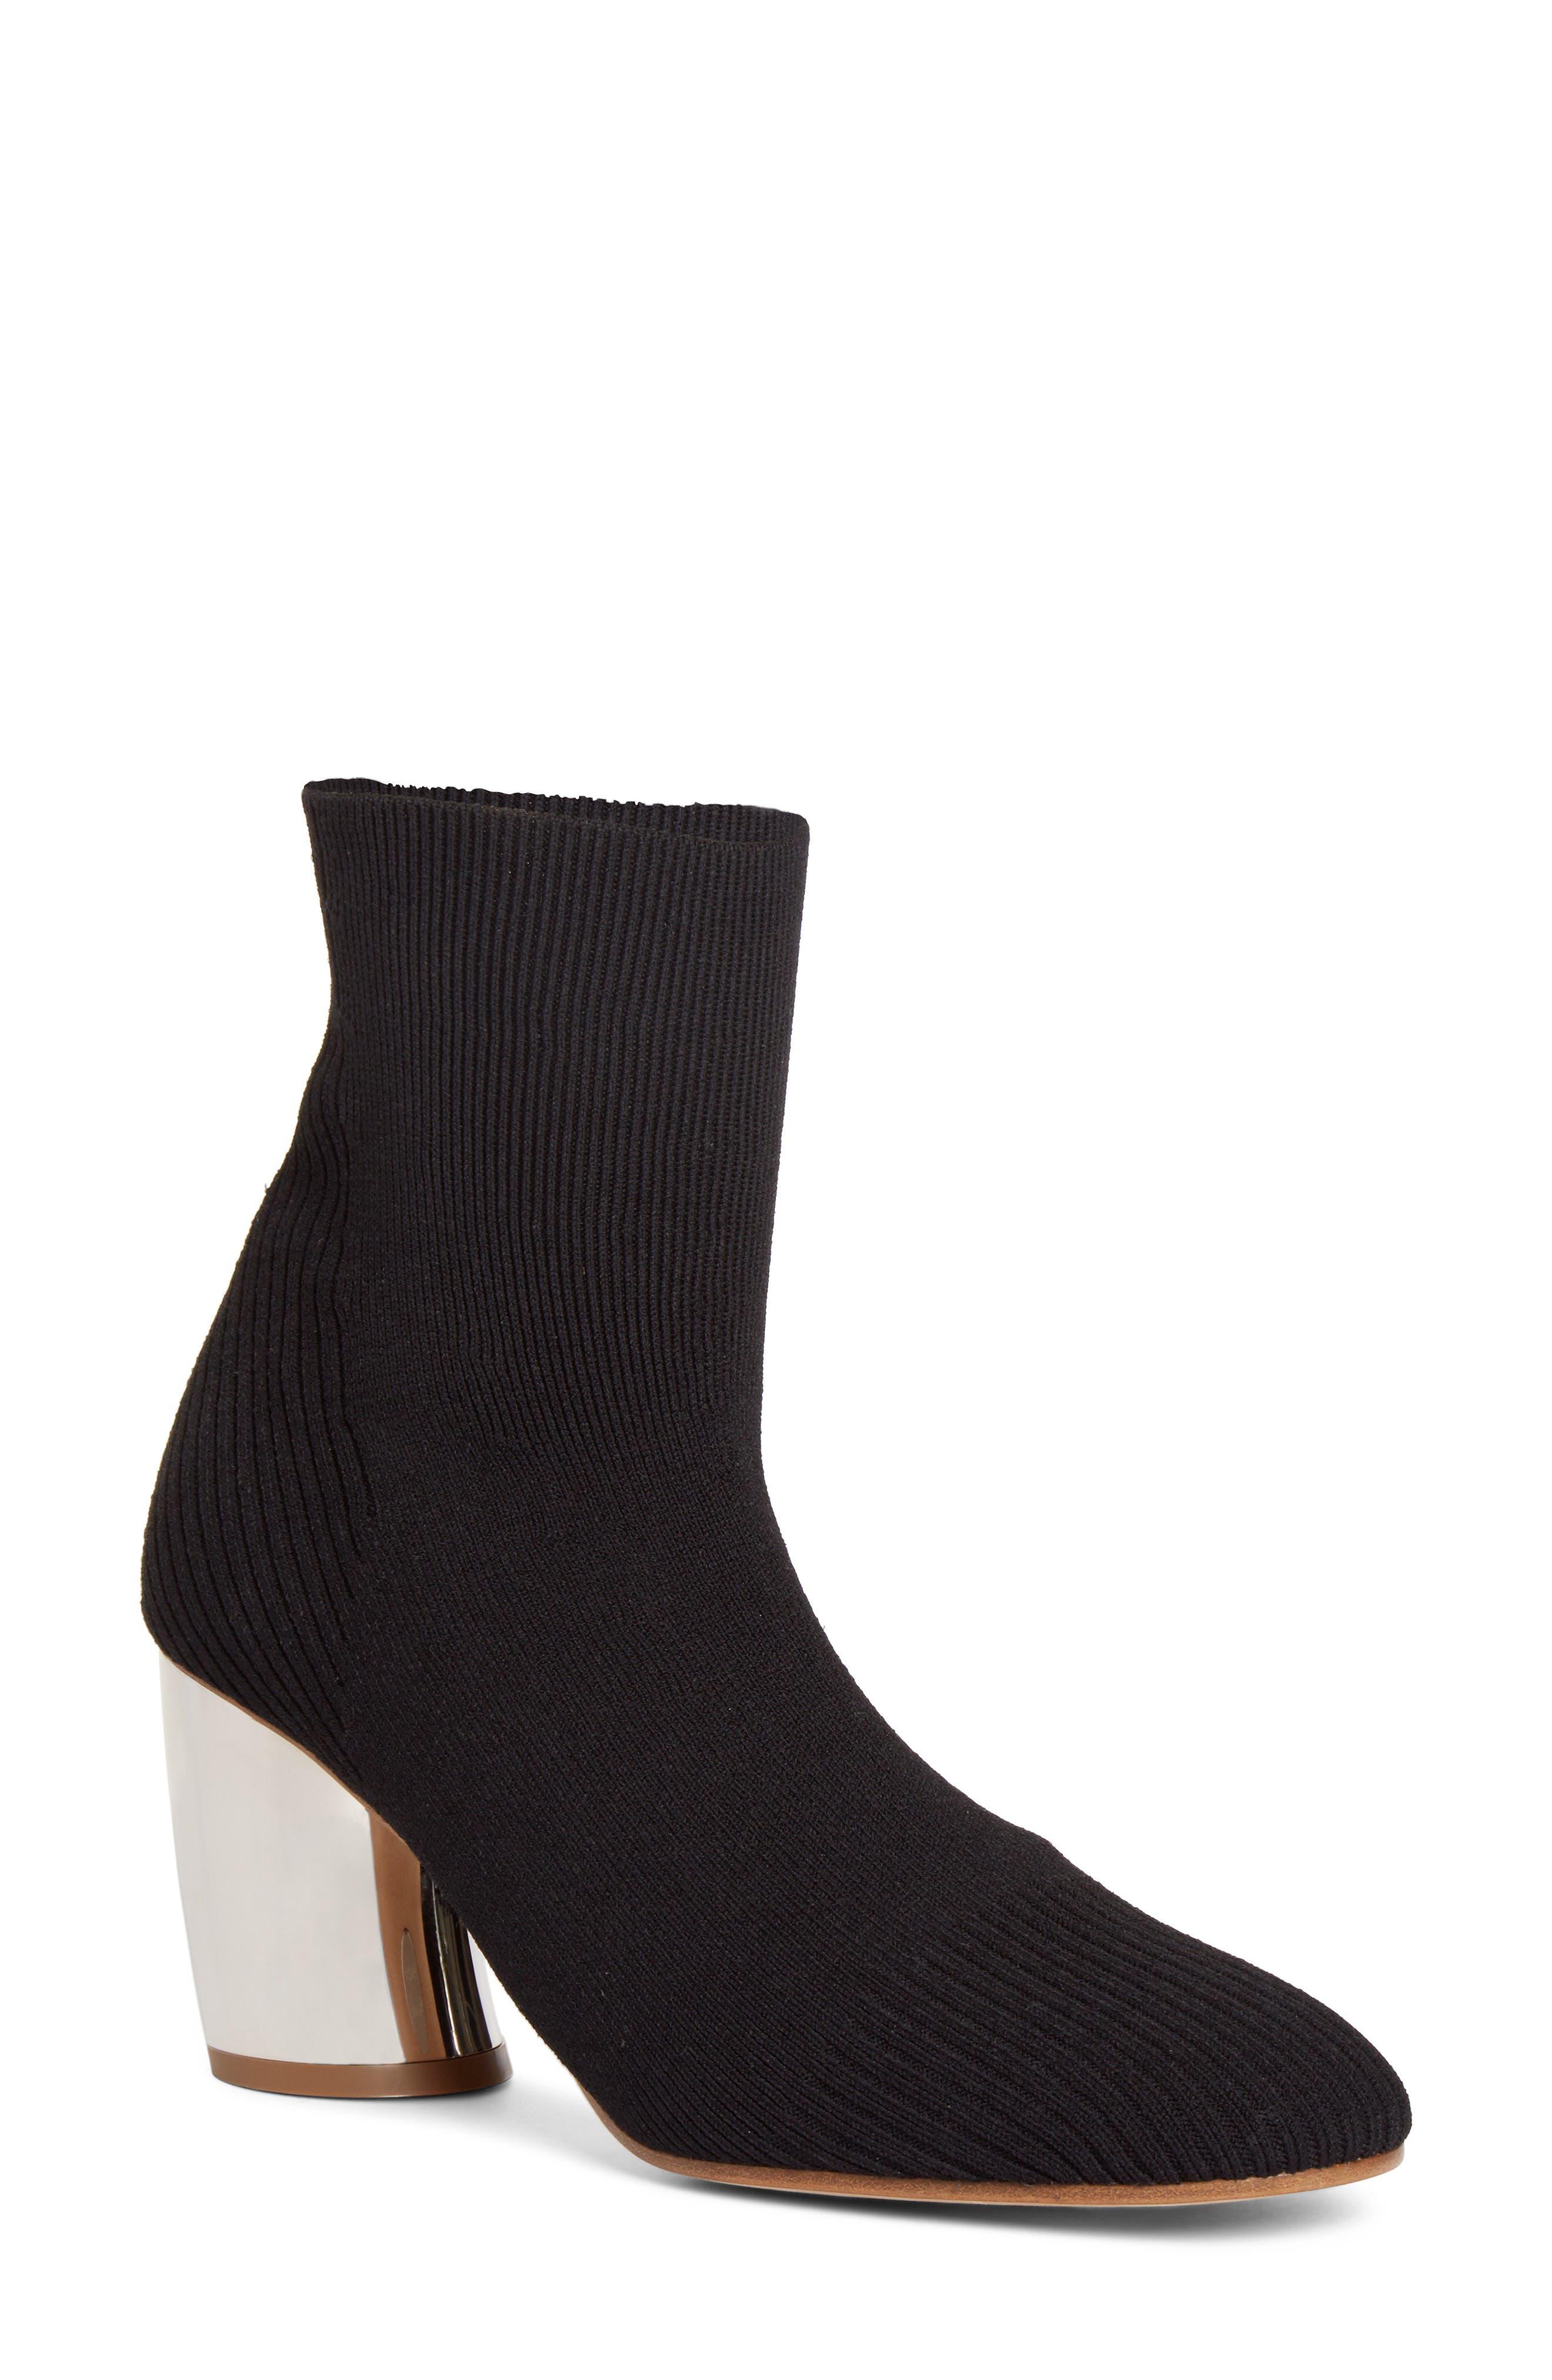 Alternate Image 1 Selected - Proenza Schouler Sock Bootie (Women)